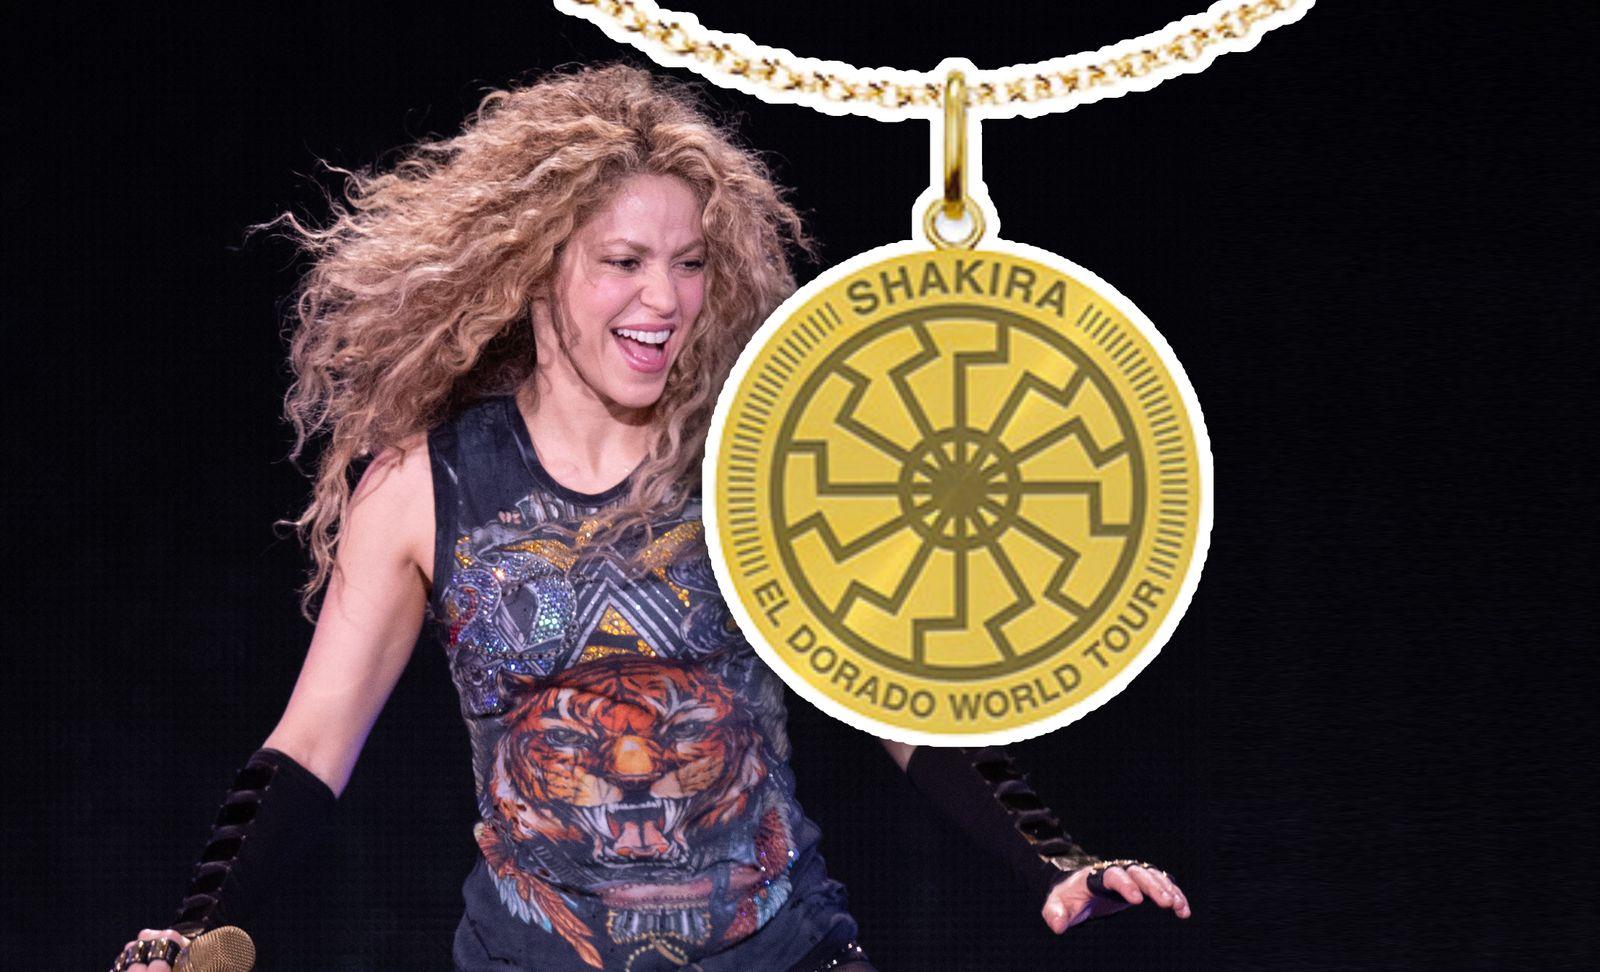 Shakira verkauft zur El-Dorado-Tour Nazi-Symbol Schwarze Sonne im Fanshop -  DER SPIEGEL